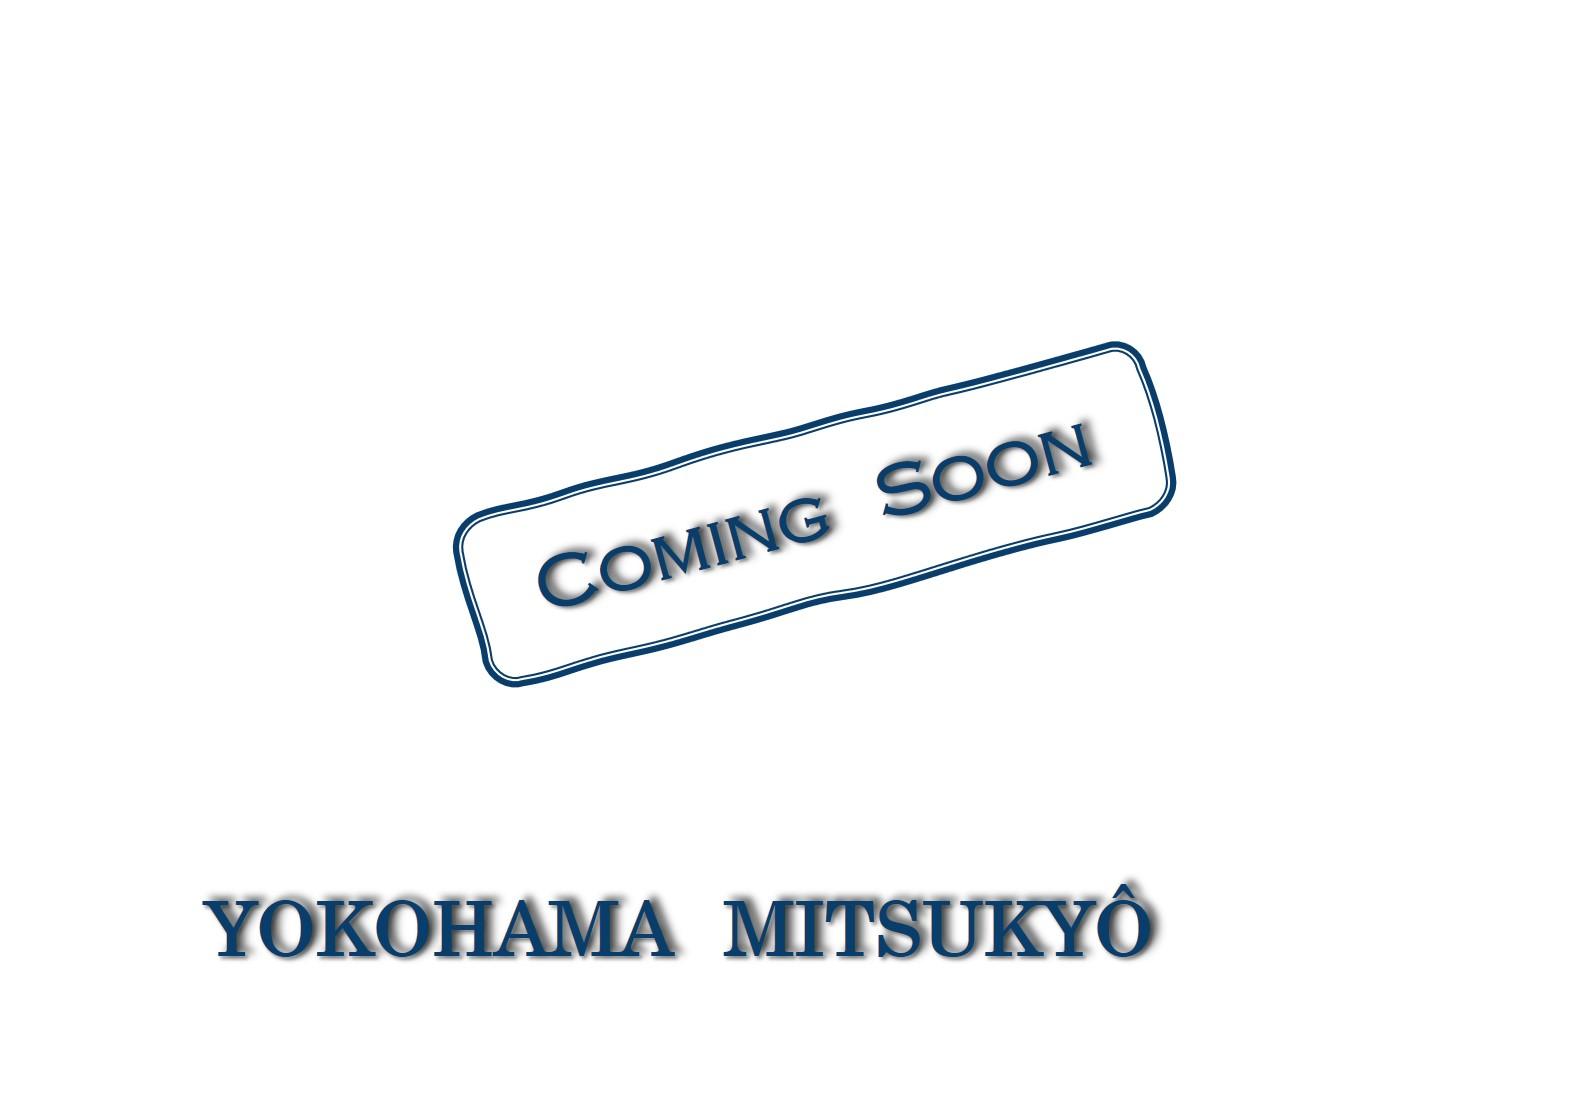 YOKOHAMA MITSUKYÔ